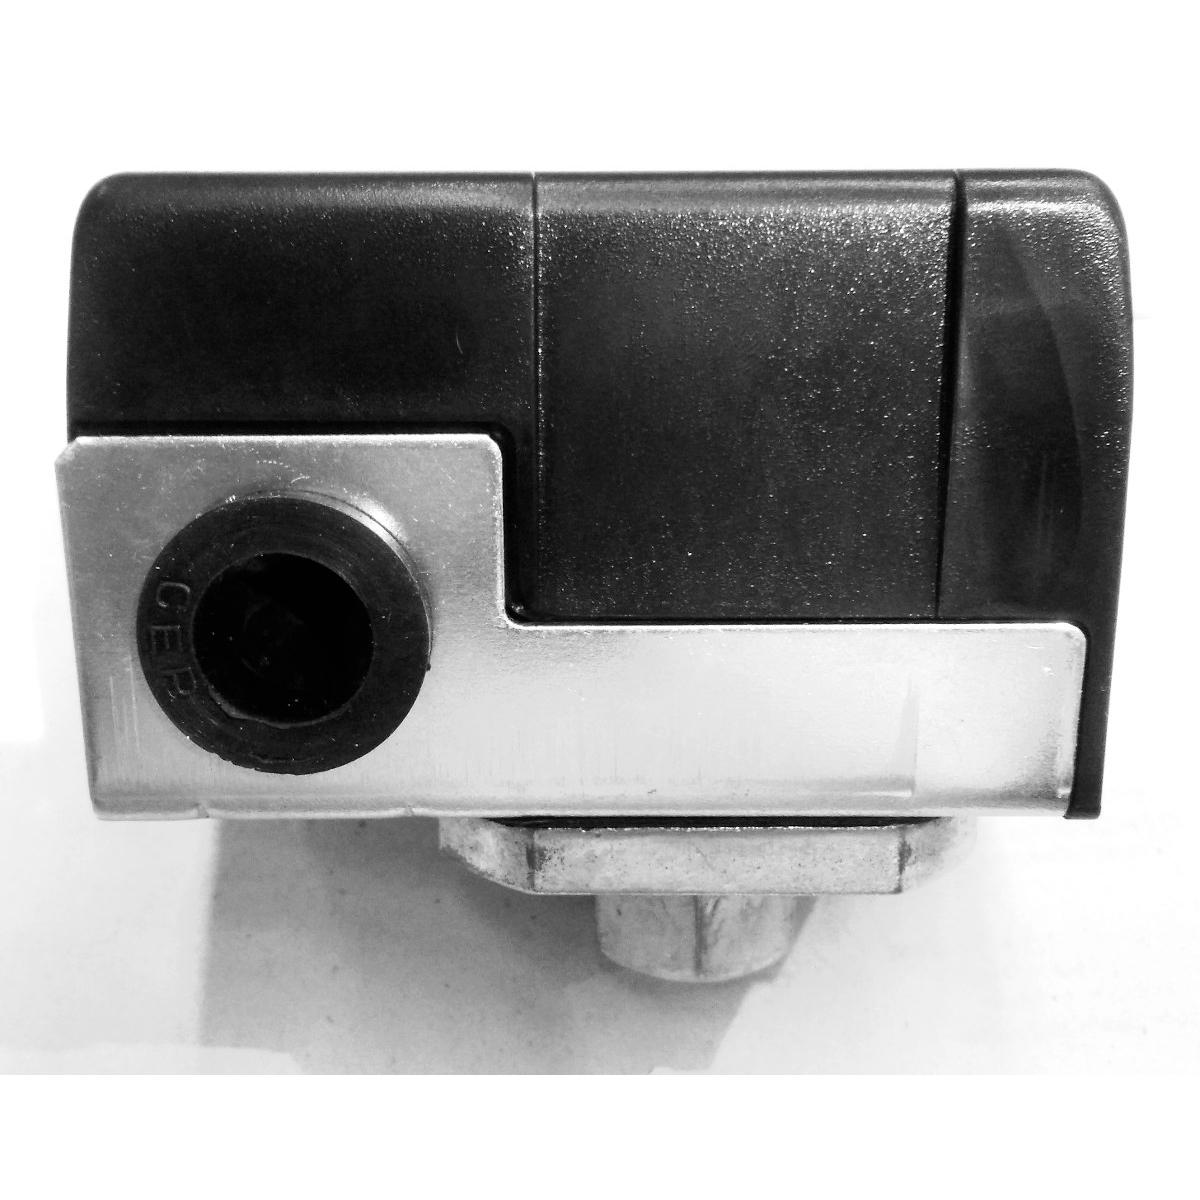 Presostato agua bomba presurizadora 1kg a 5kg regulable for Presostato bomba agua